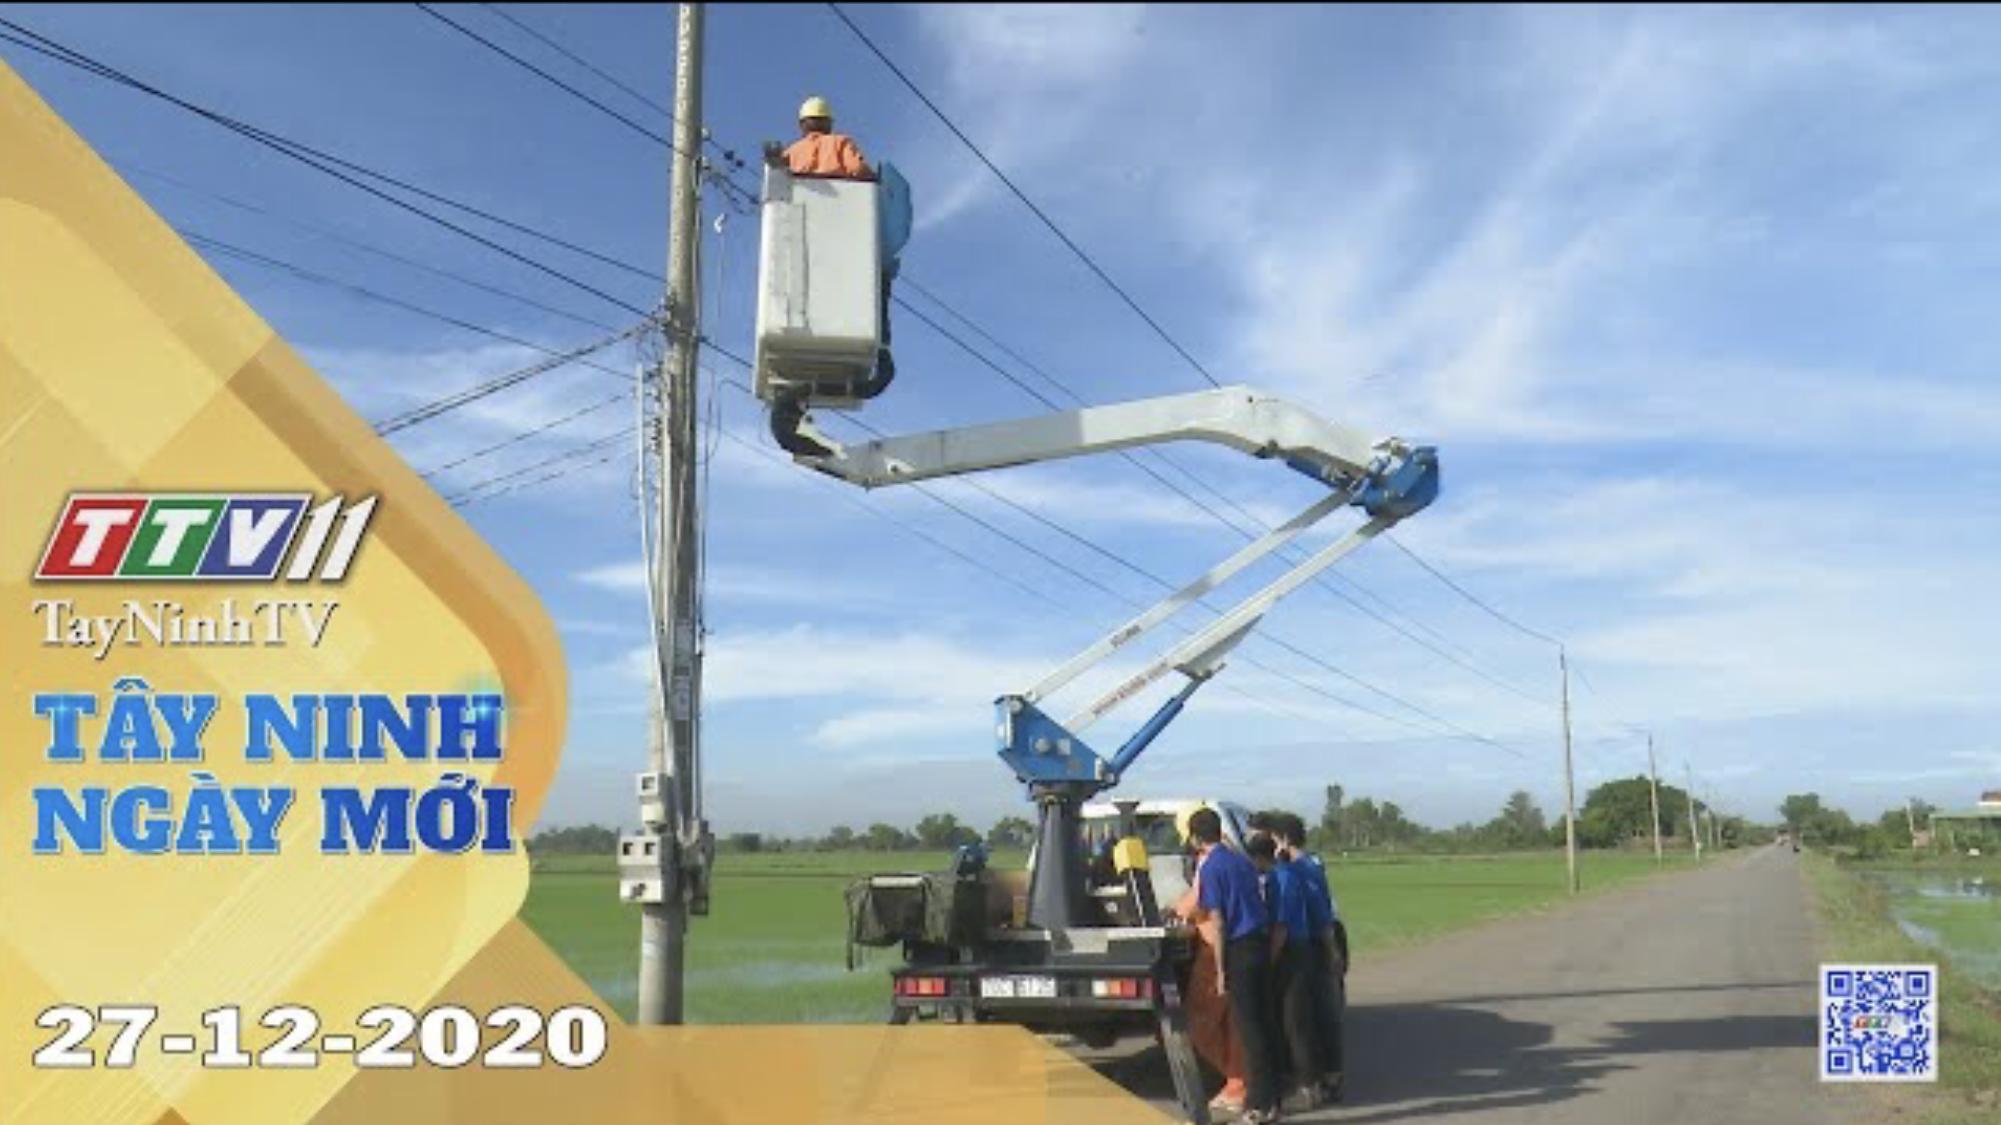 Tây Ninh Ngày Mới 27-12-2020 | Tin tức hôm nay | TayNinhTV